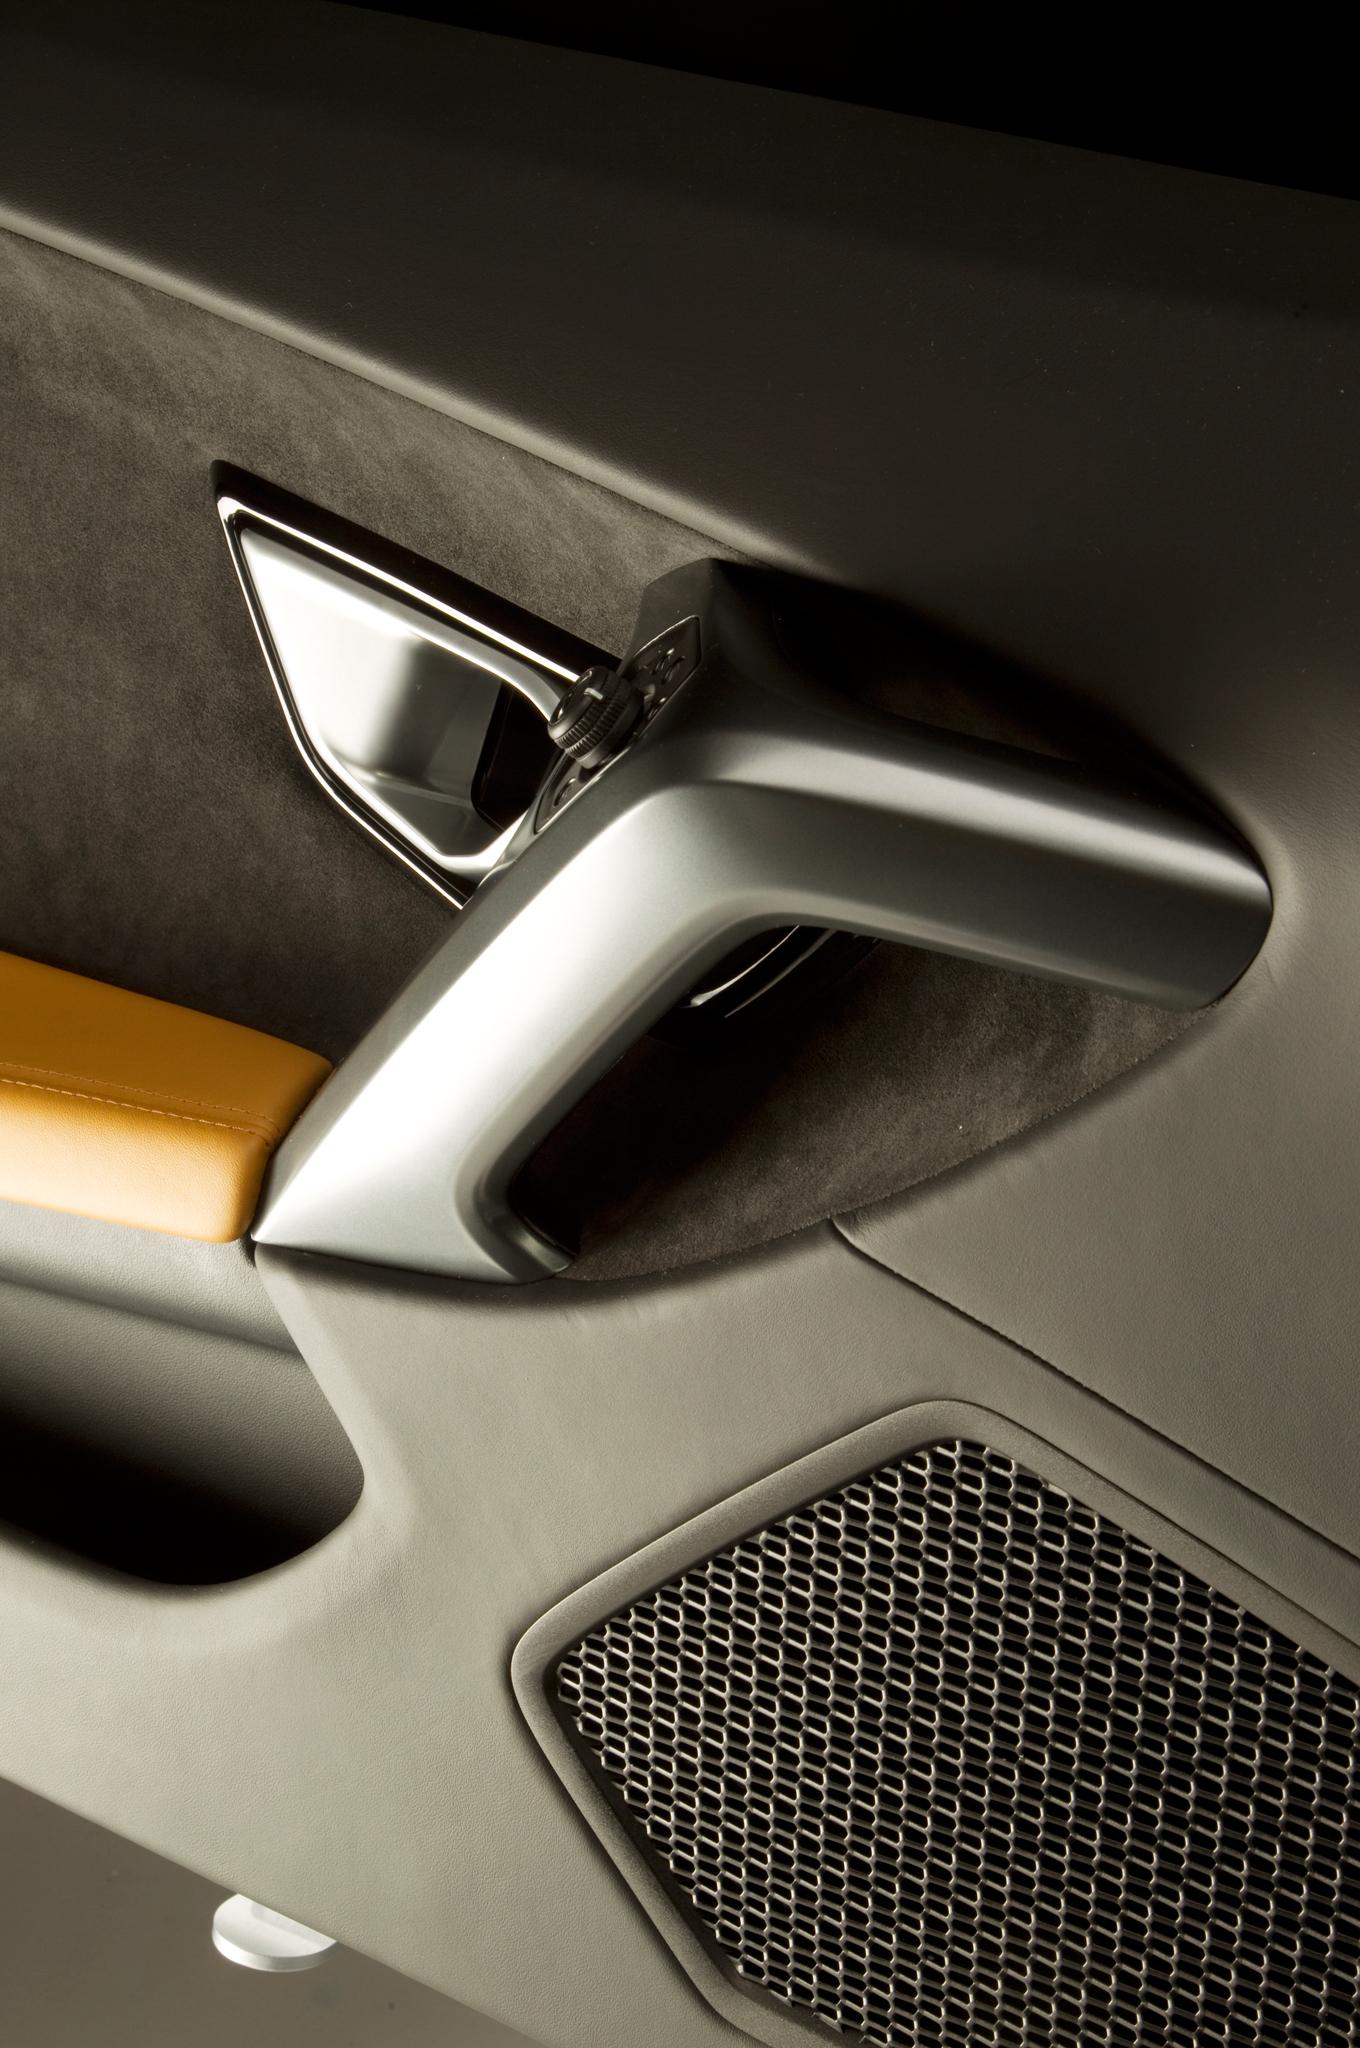 http—image.motortrend.com-f-roadtests-exotic-1312_2015_lamborghini_huracan_first_look-59412176-2015-Lamborghini-Huracan-speaker